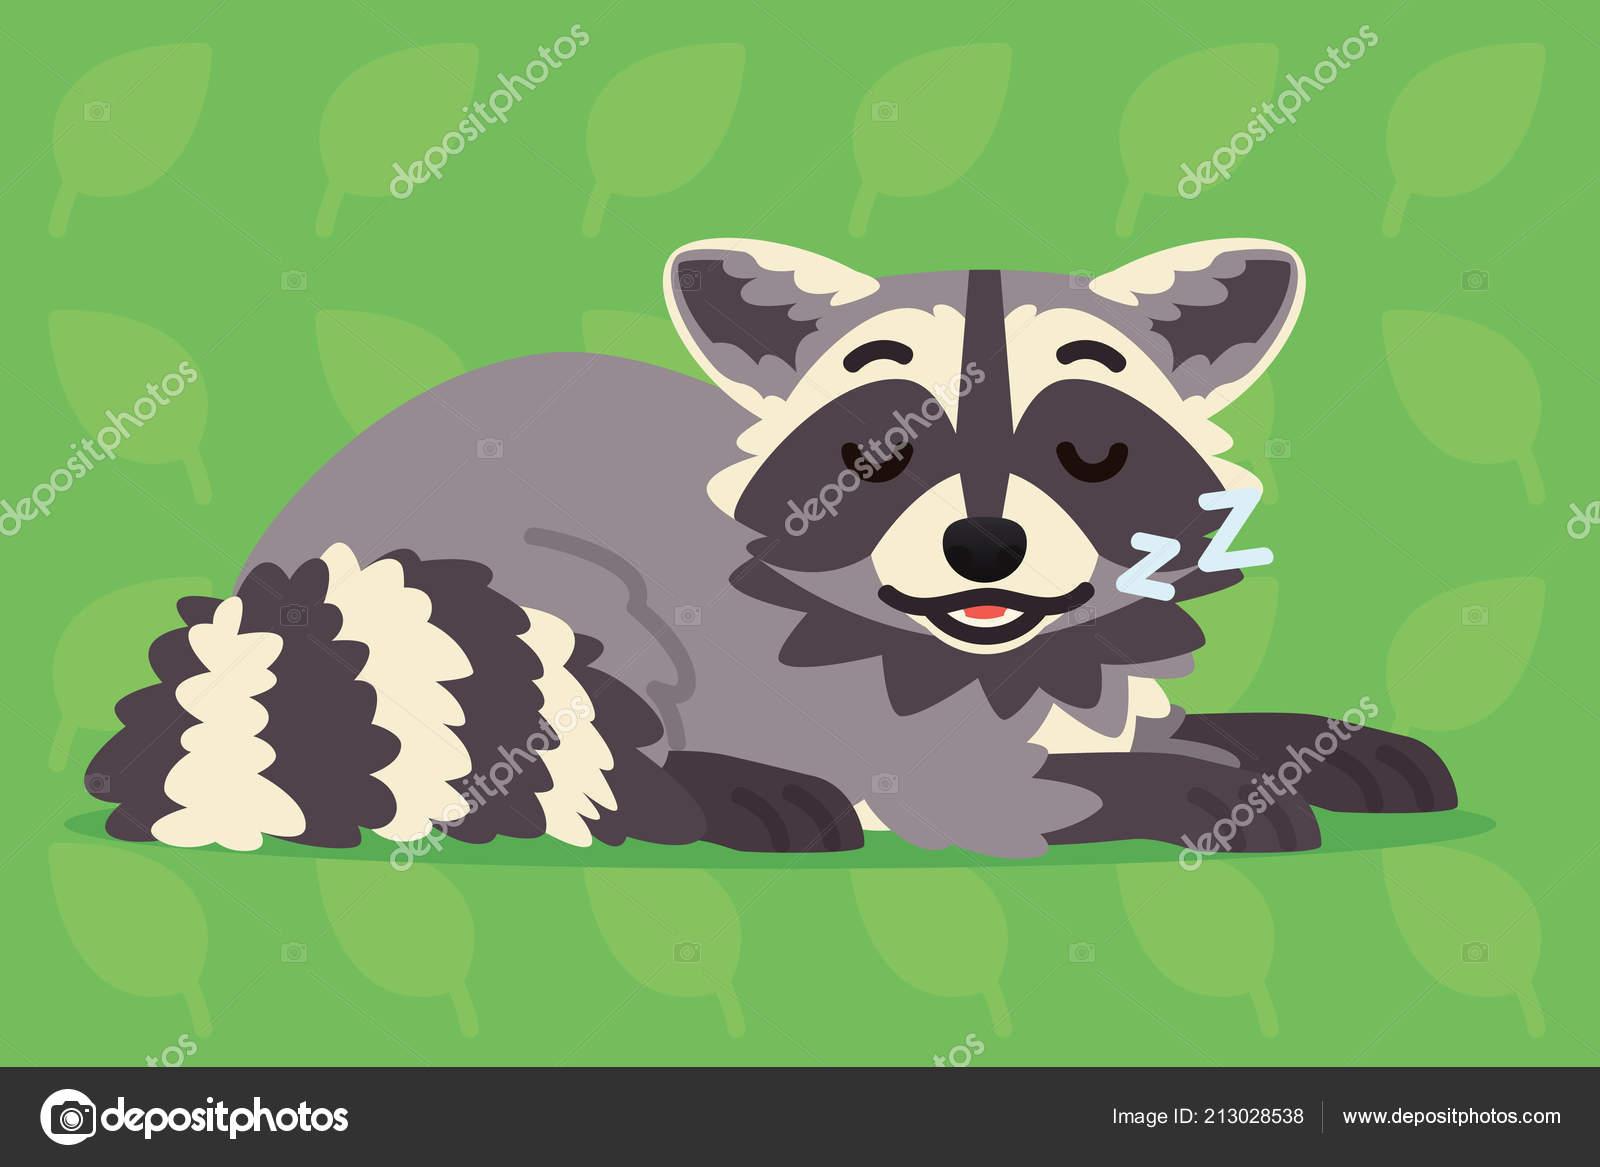 Cute raccoon sleeping  Vector illustration of a sleepy coon on green